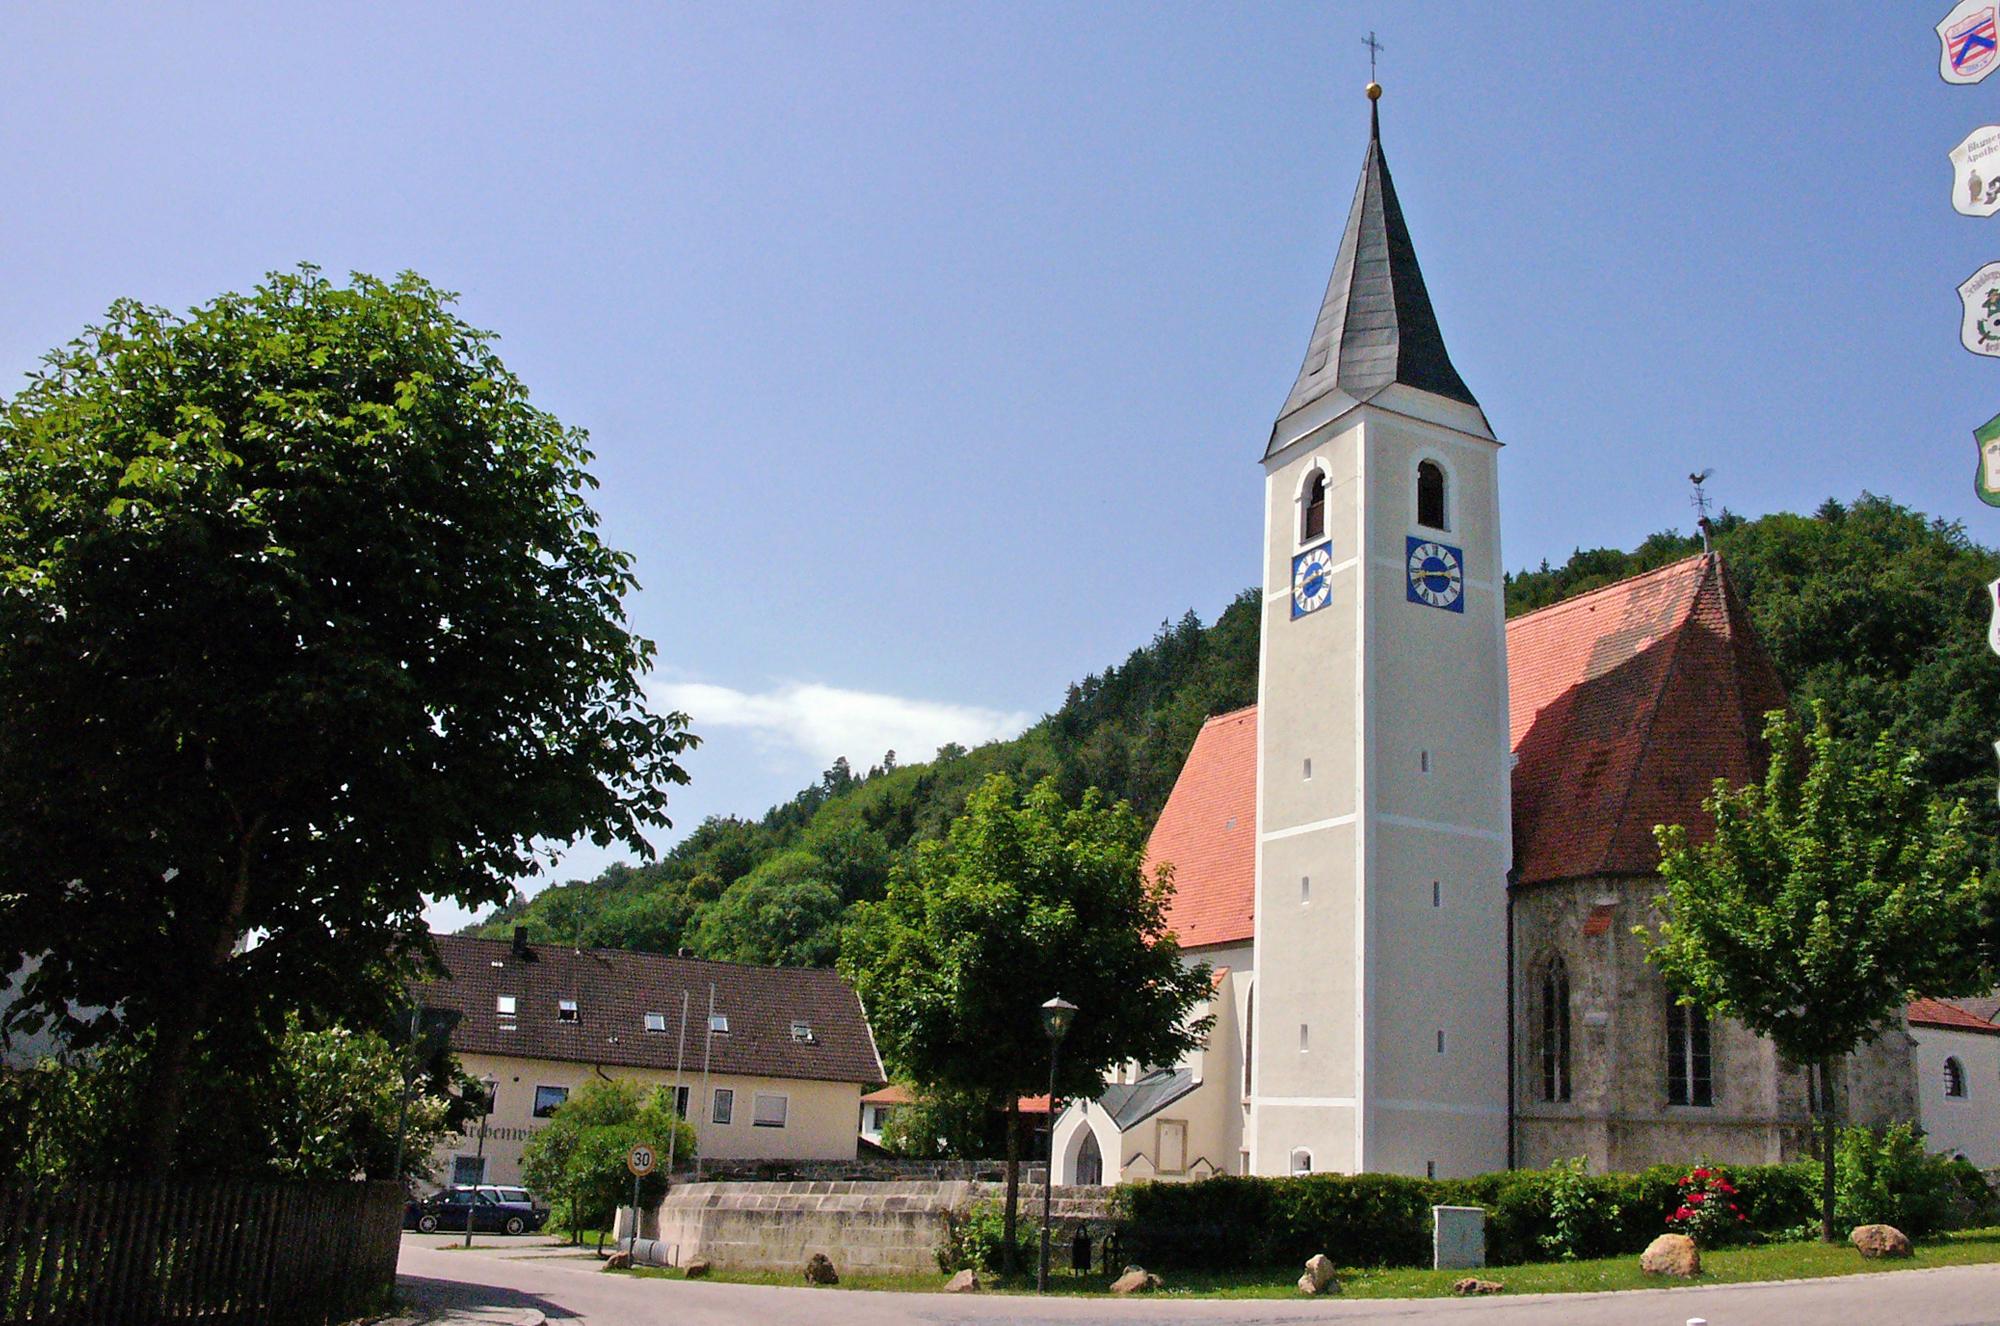 Kirche_Julbach_Zitzelsberger